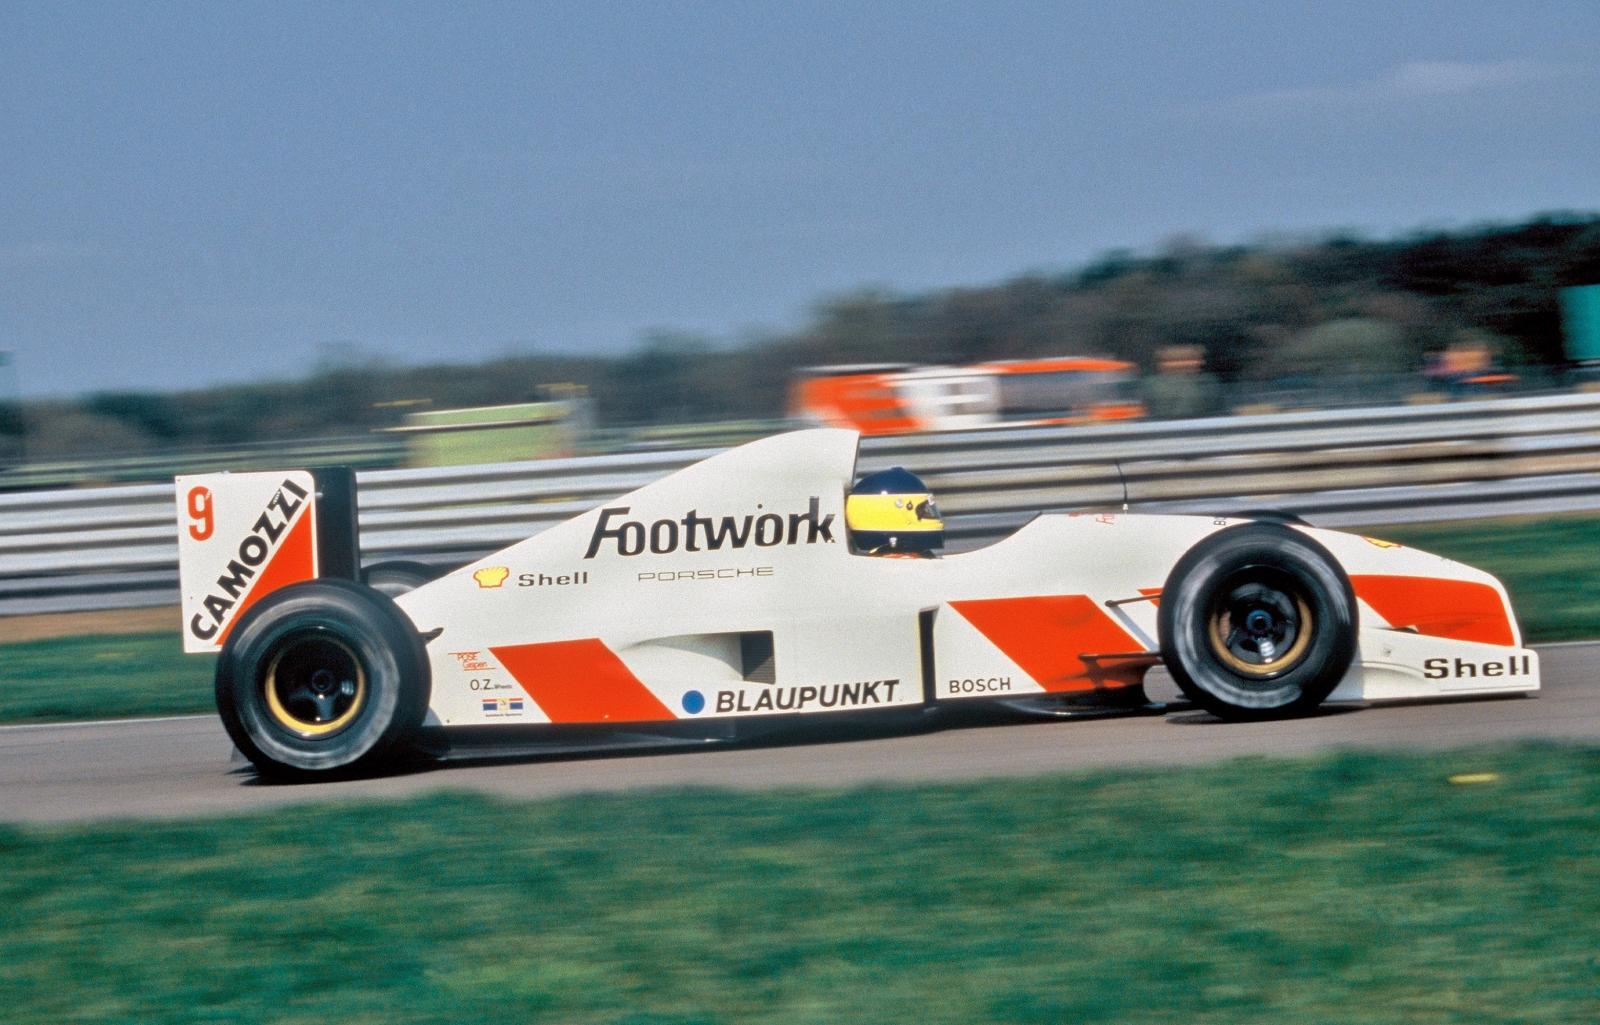 Footwork F1